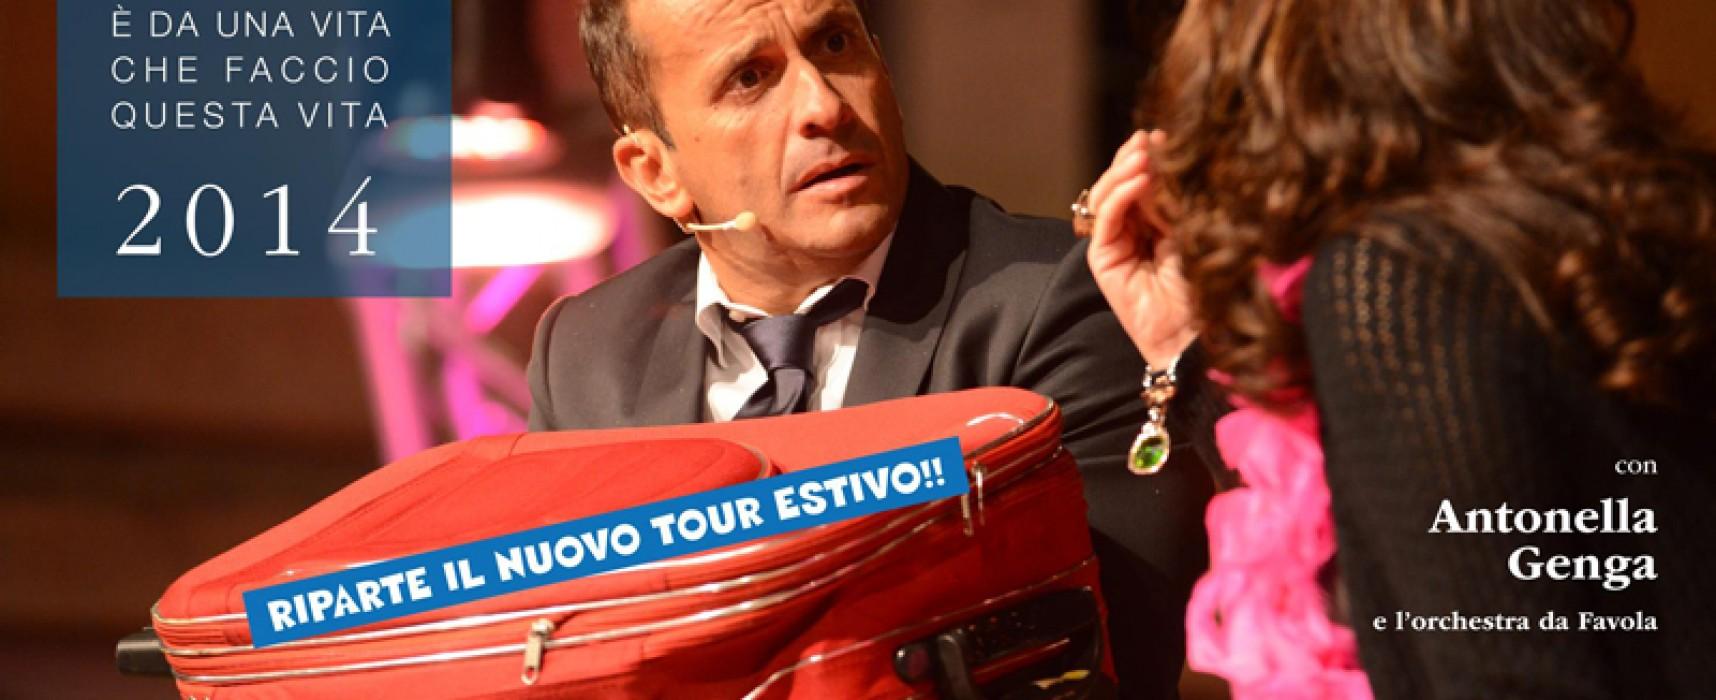 """Uccio De Santis domani torna a Bisceglie con lo spettacolo """"E' da una vita che faccio questa vita"""""""